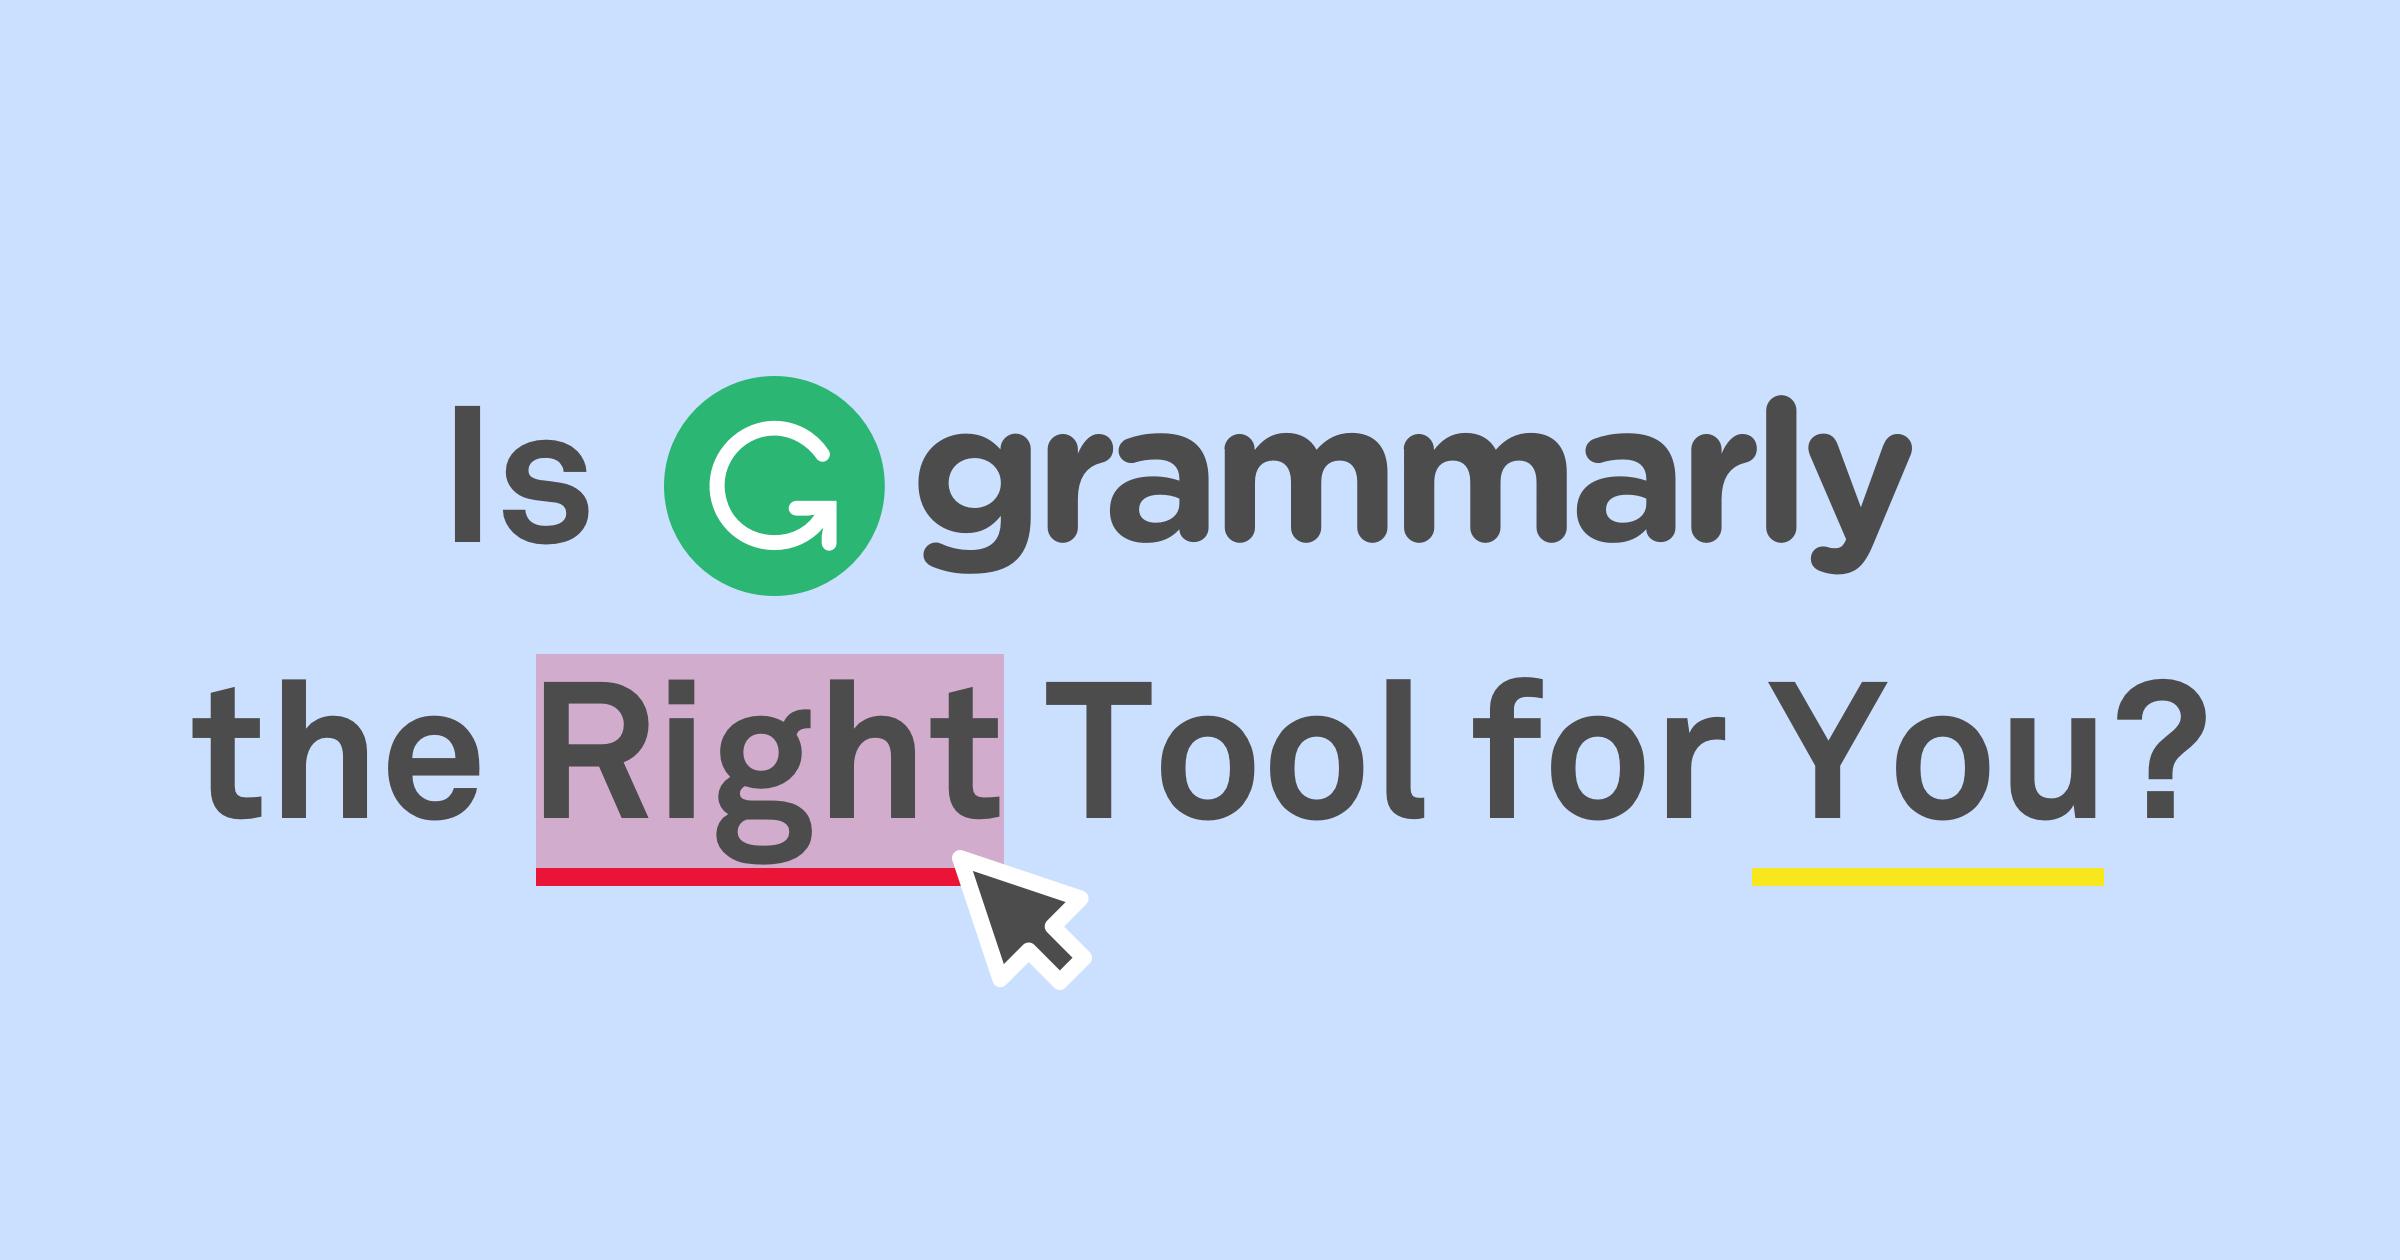 GRAMMARLY - Đánh giá Trình kiểm tra Văn bản & Ngữ pháp [ỨNG DỤNG MIỄN PHÍ]